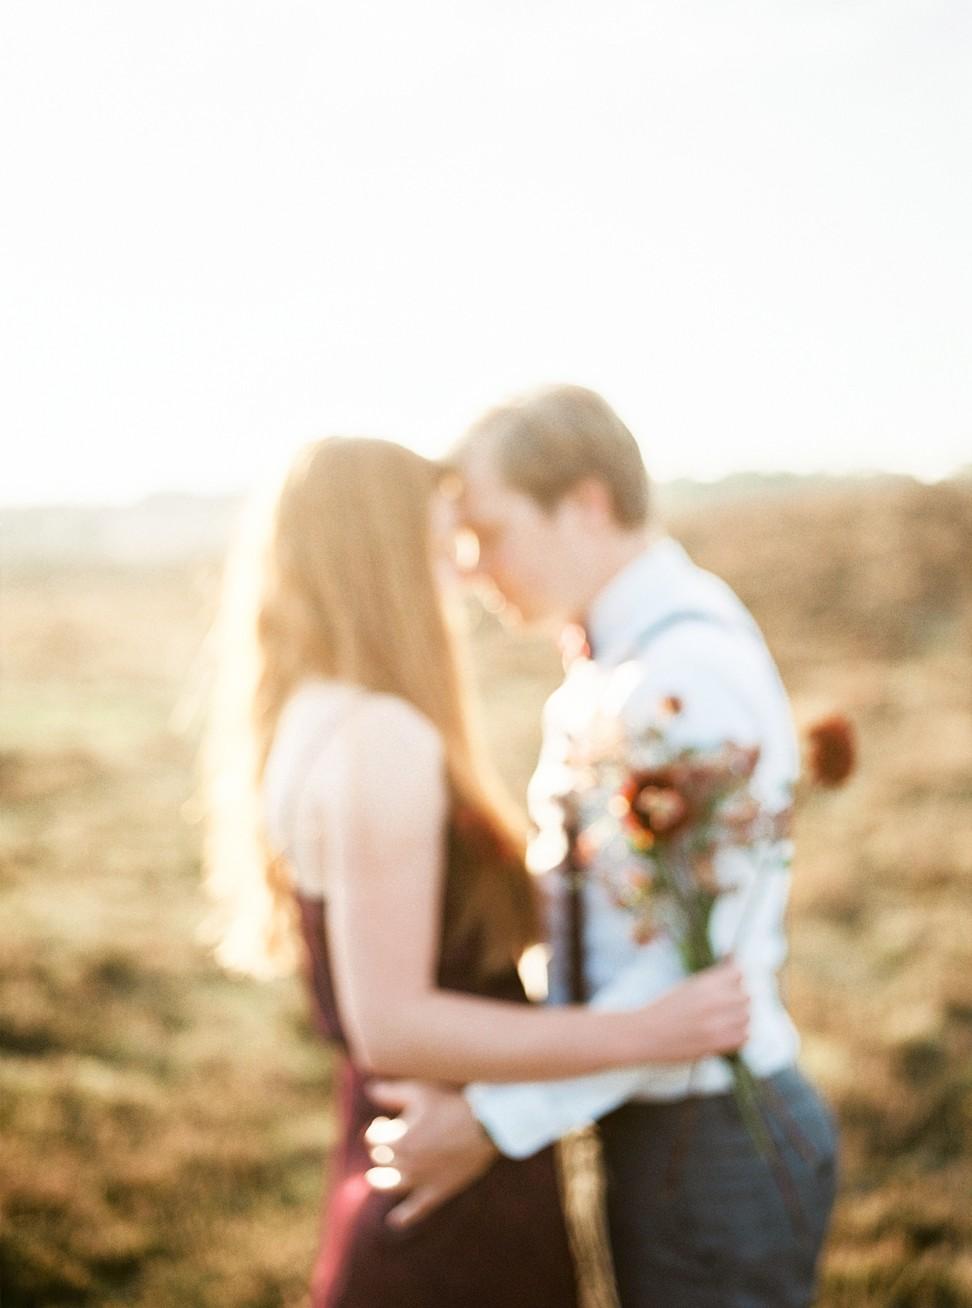 Amanda-Drost-Photography-fine-art-fotografie-nederland-coupleshoot-loveshoot_0007.jpg